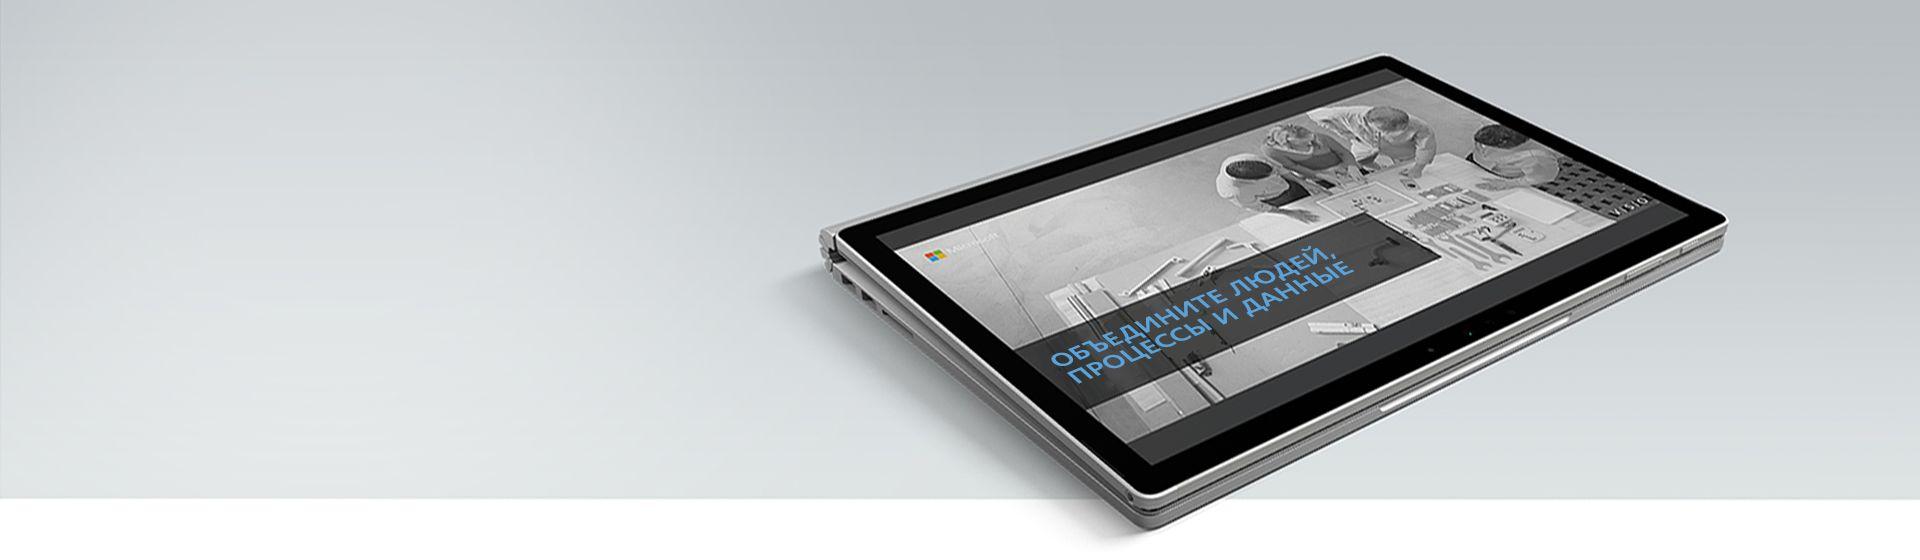 """Экран компьютера с изображением слогана """"Облегчаем сотрудничество, объединяя процессы и данные"""""""